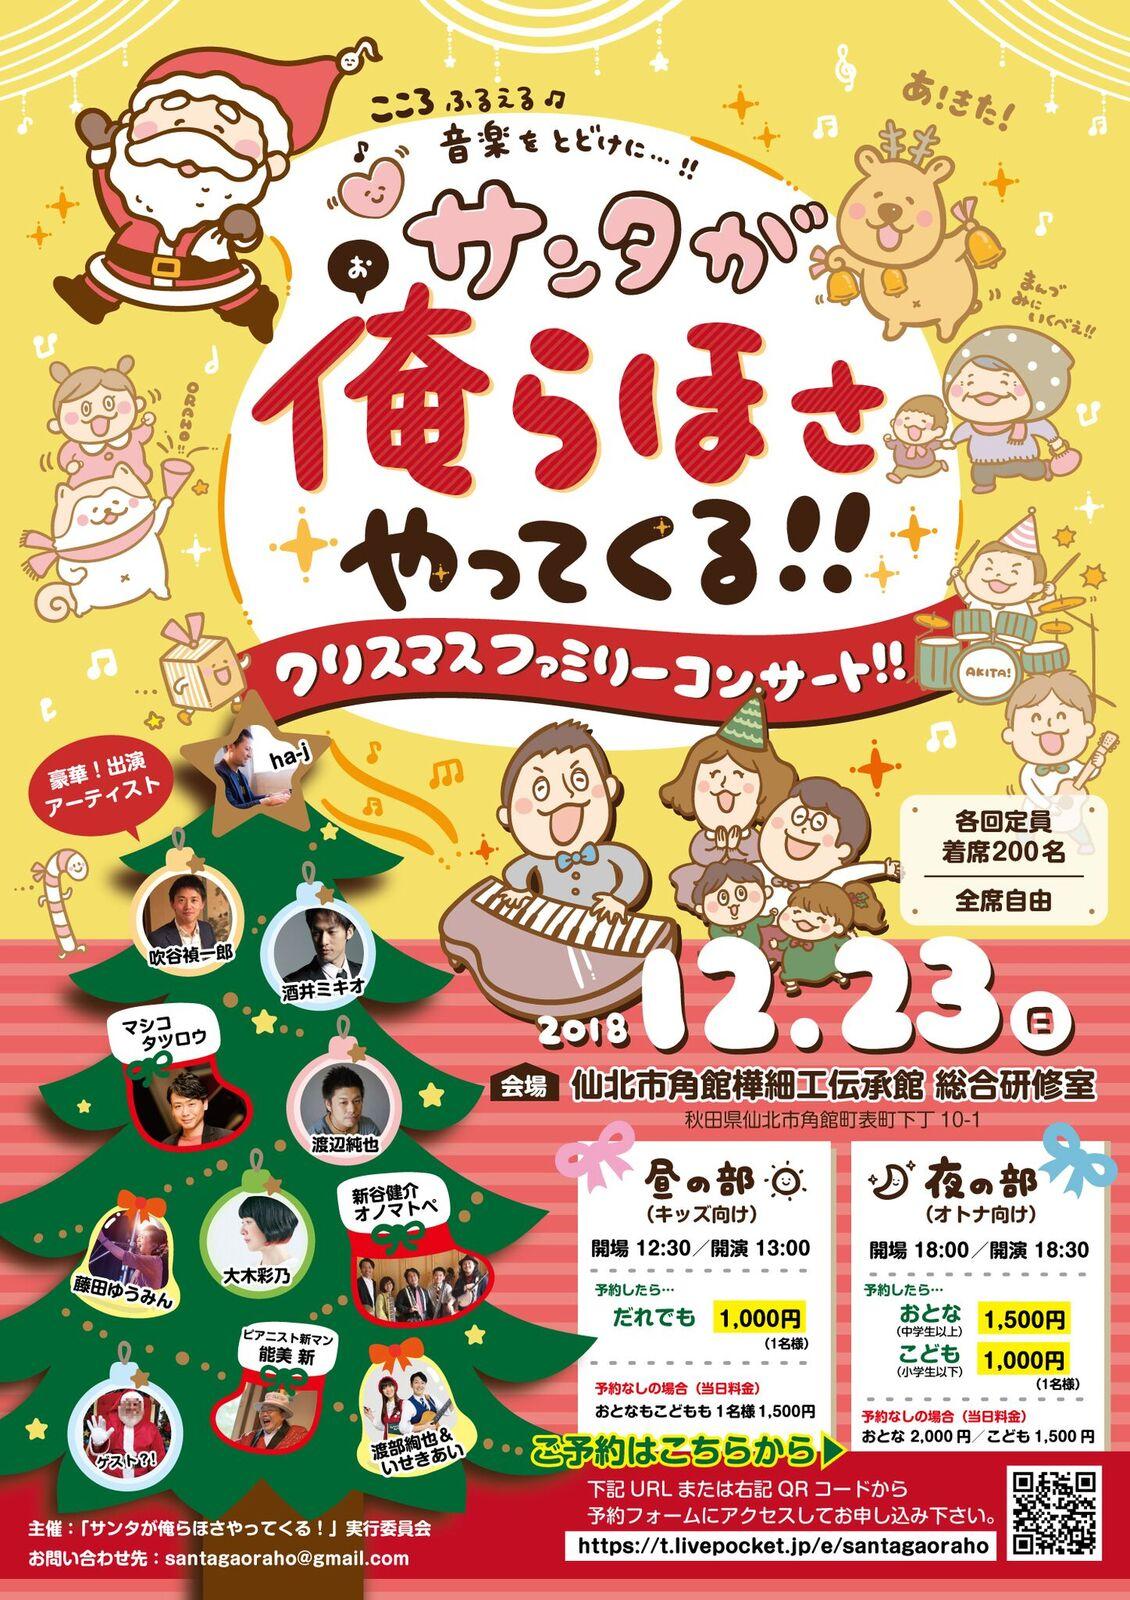 サンタが俺らほさやってくる! ~クリスマスファミリーコンサート~